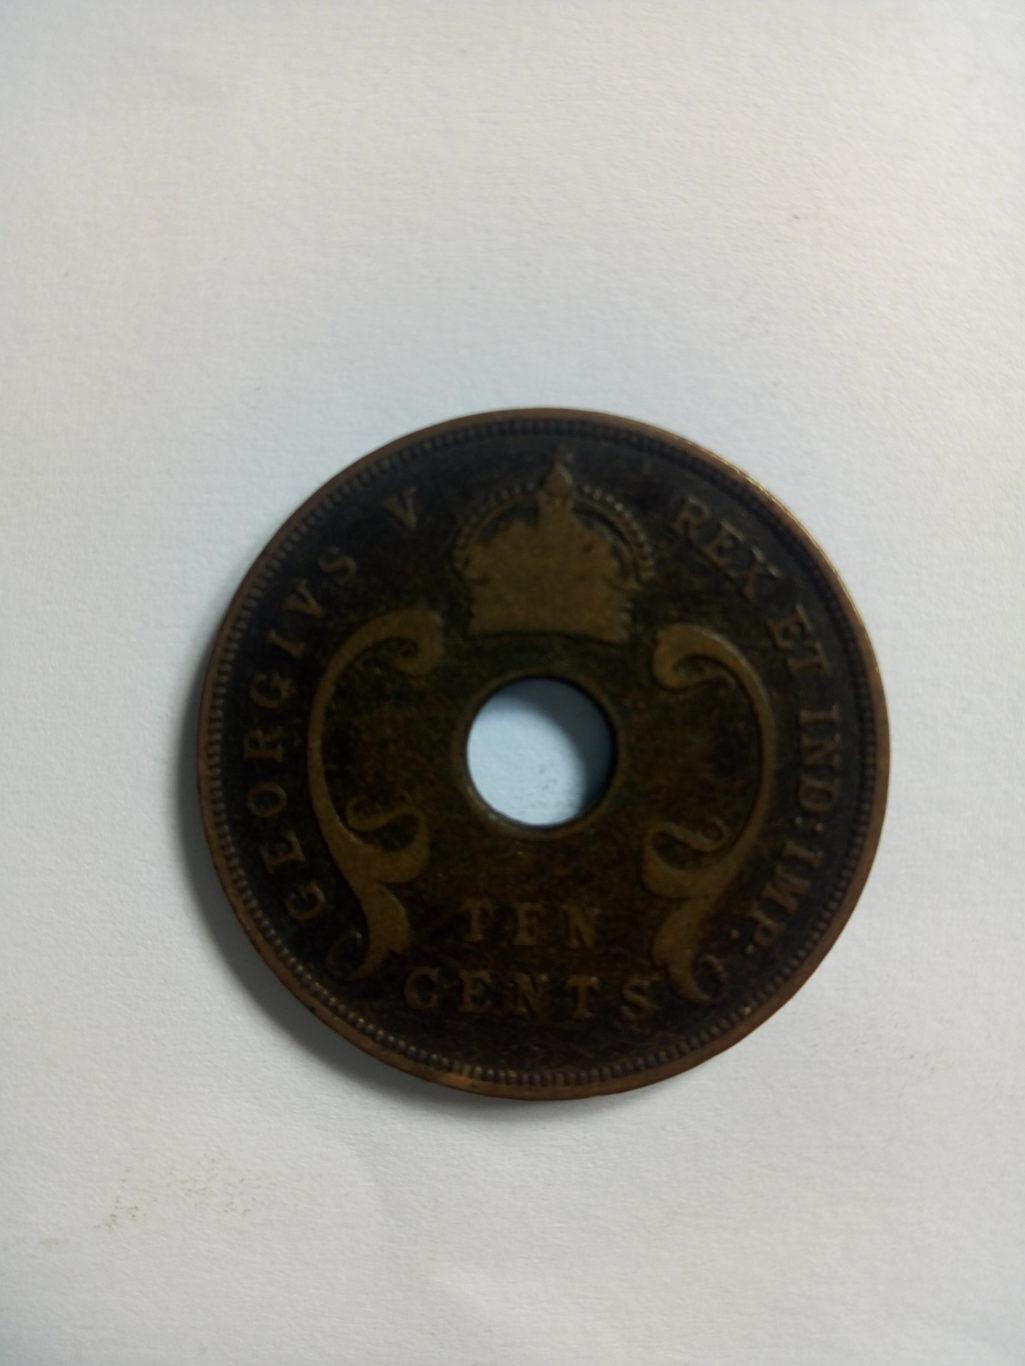 1934_georgivs v rex et 10 cents